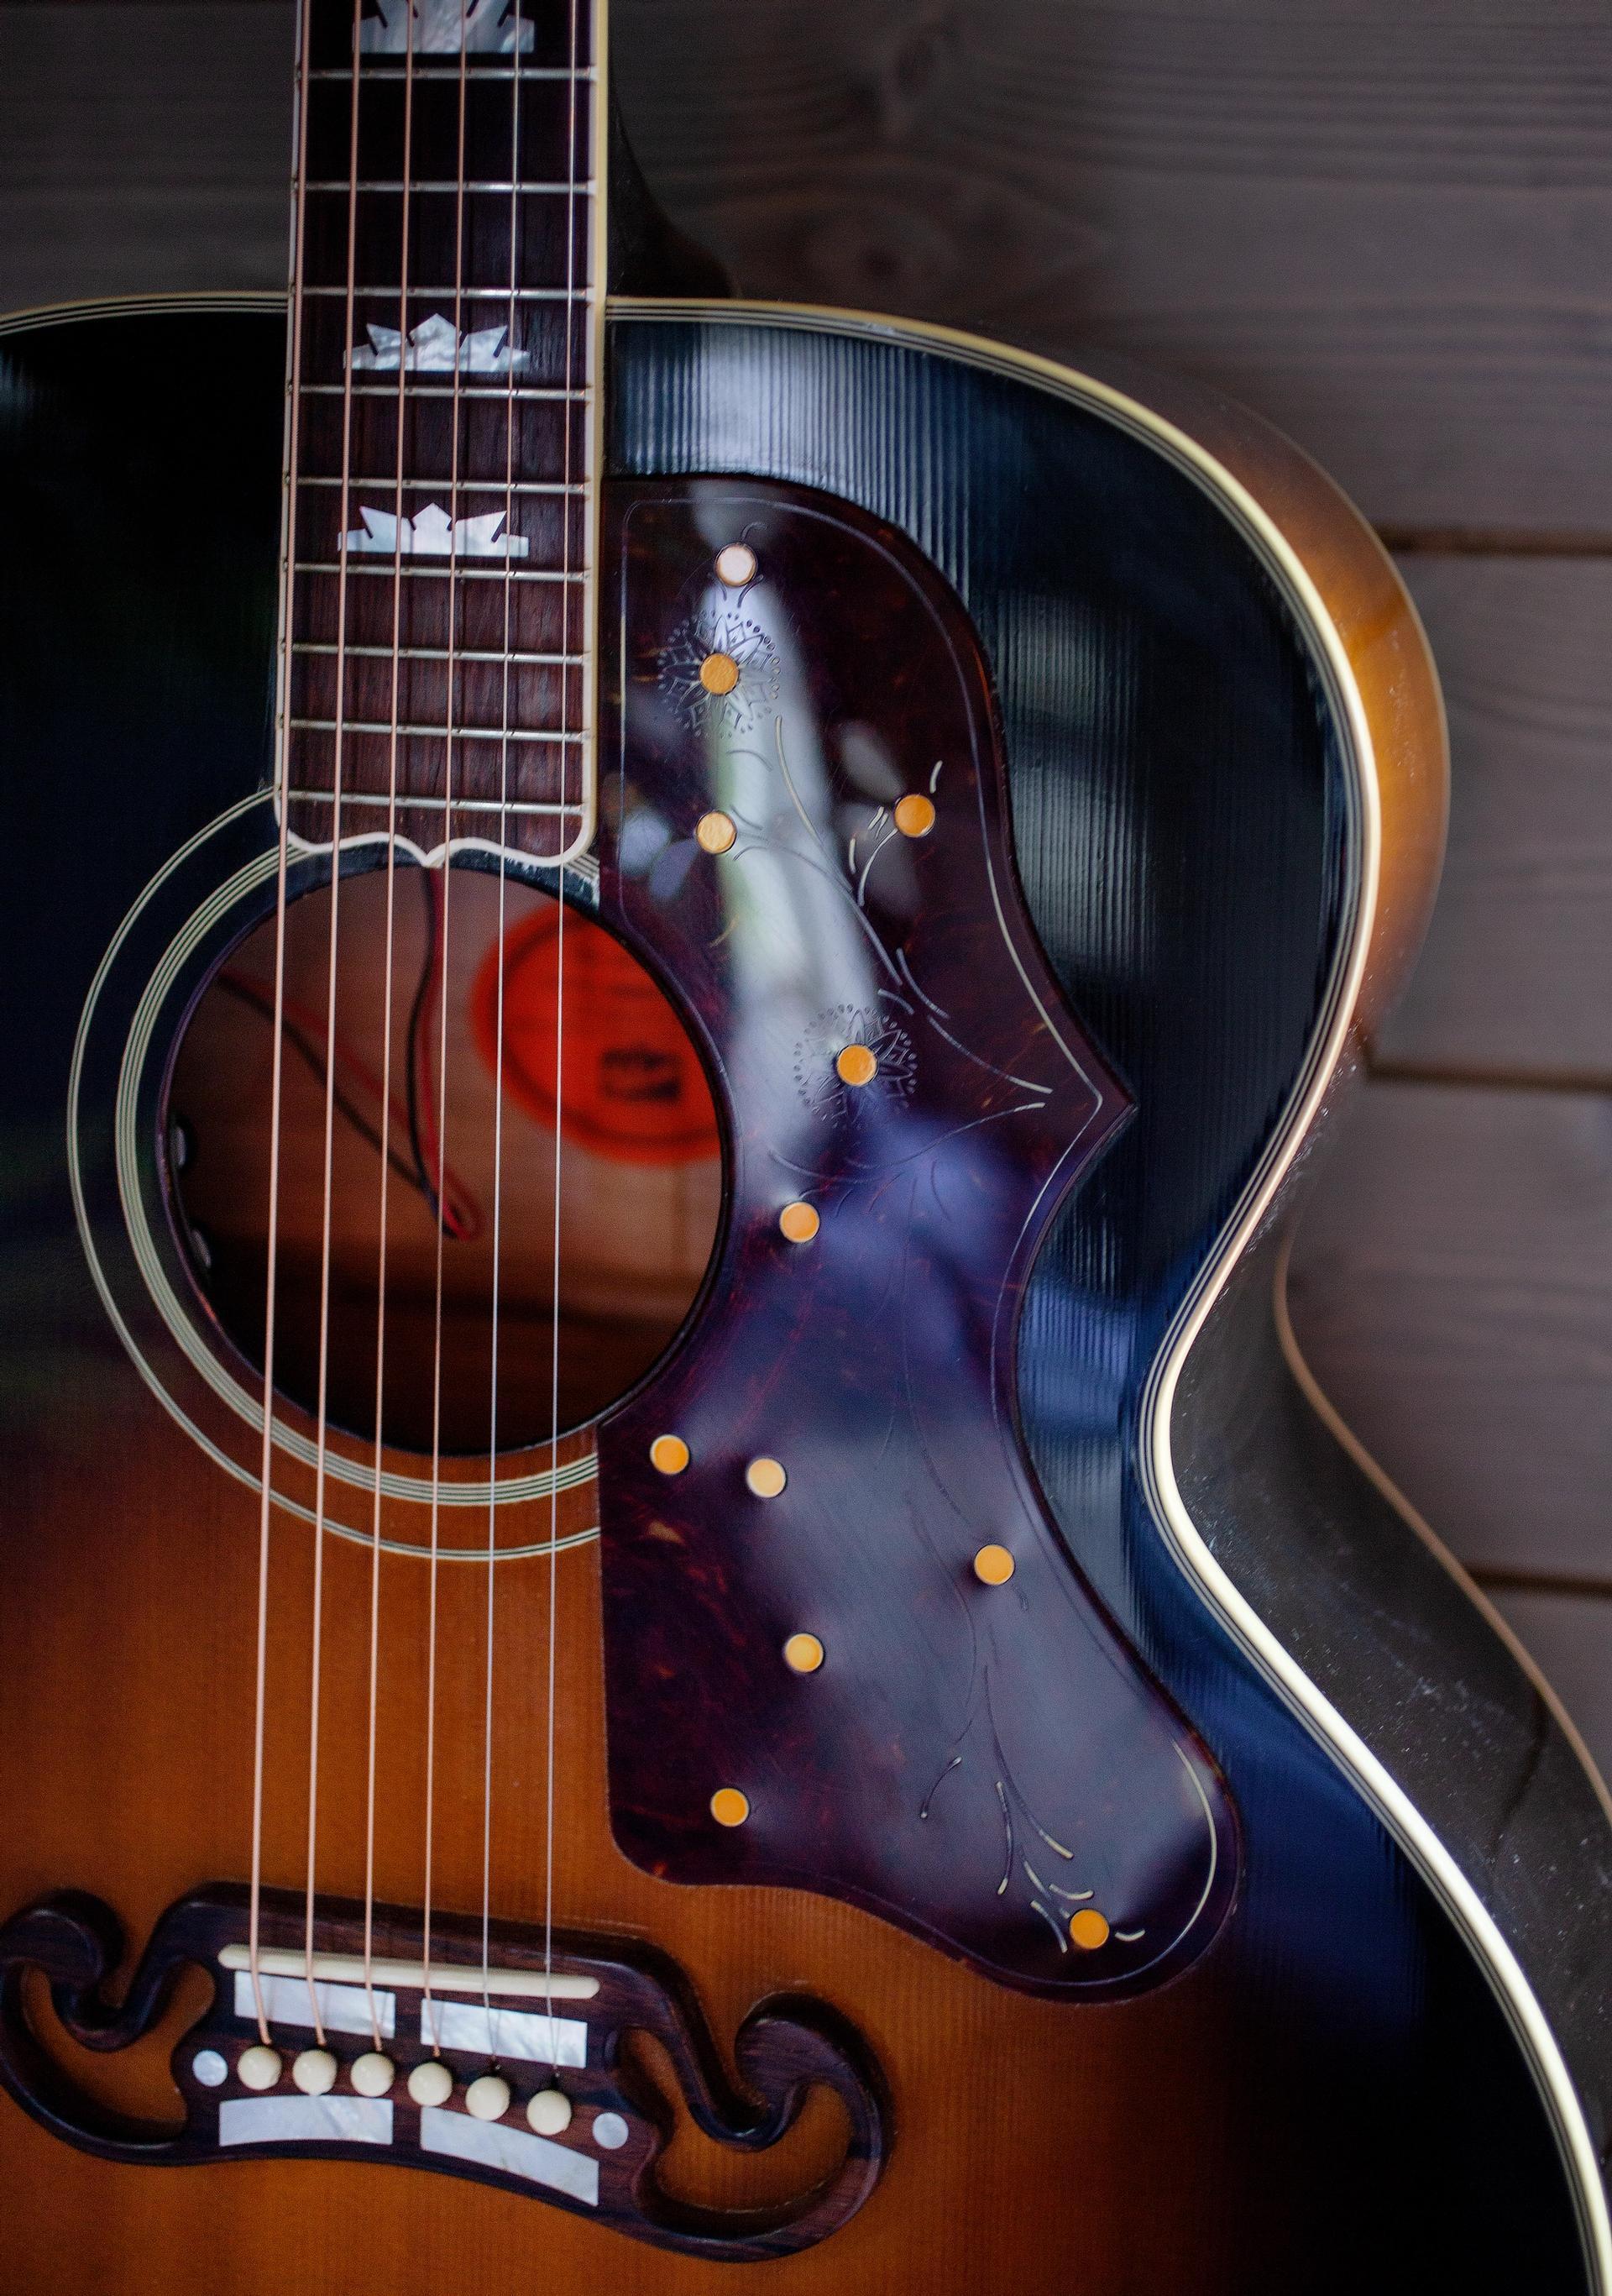 Gitarfrelst. En lidenskap er å samle gitar. Han er stadig på jakt, og har nå rundt 30 gitarer i samlingen.